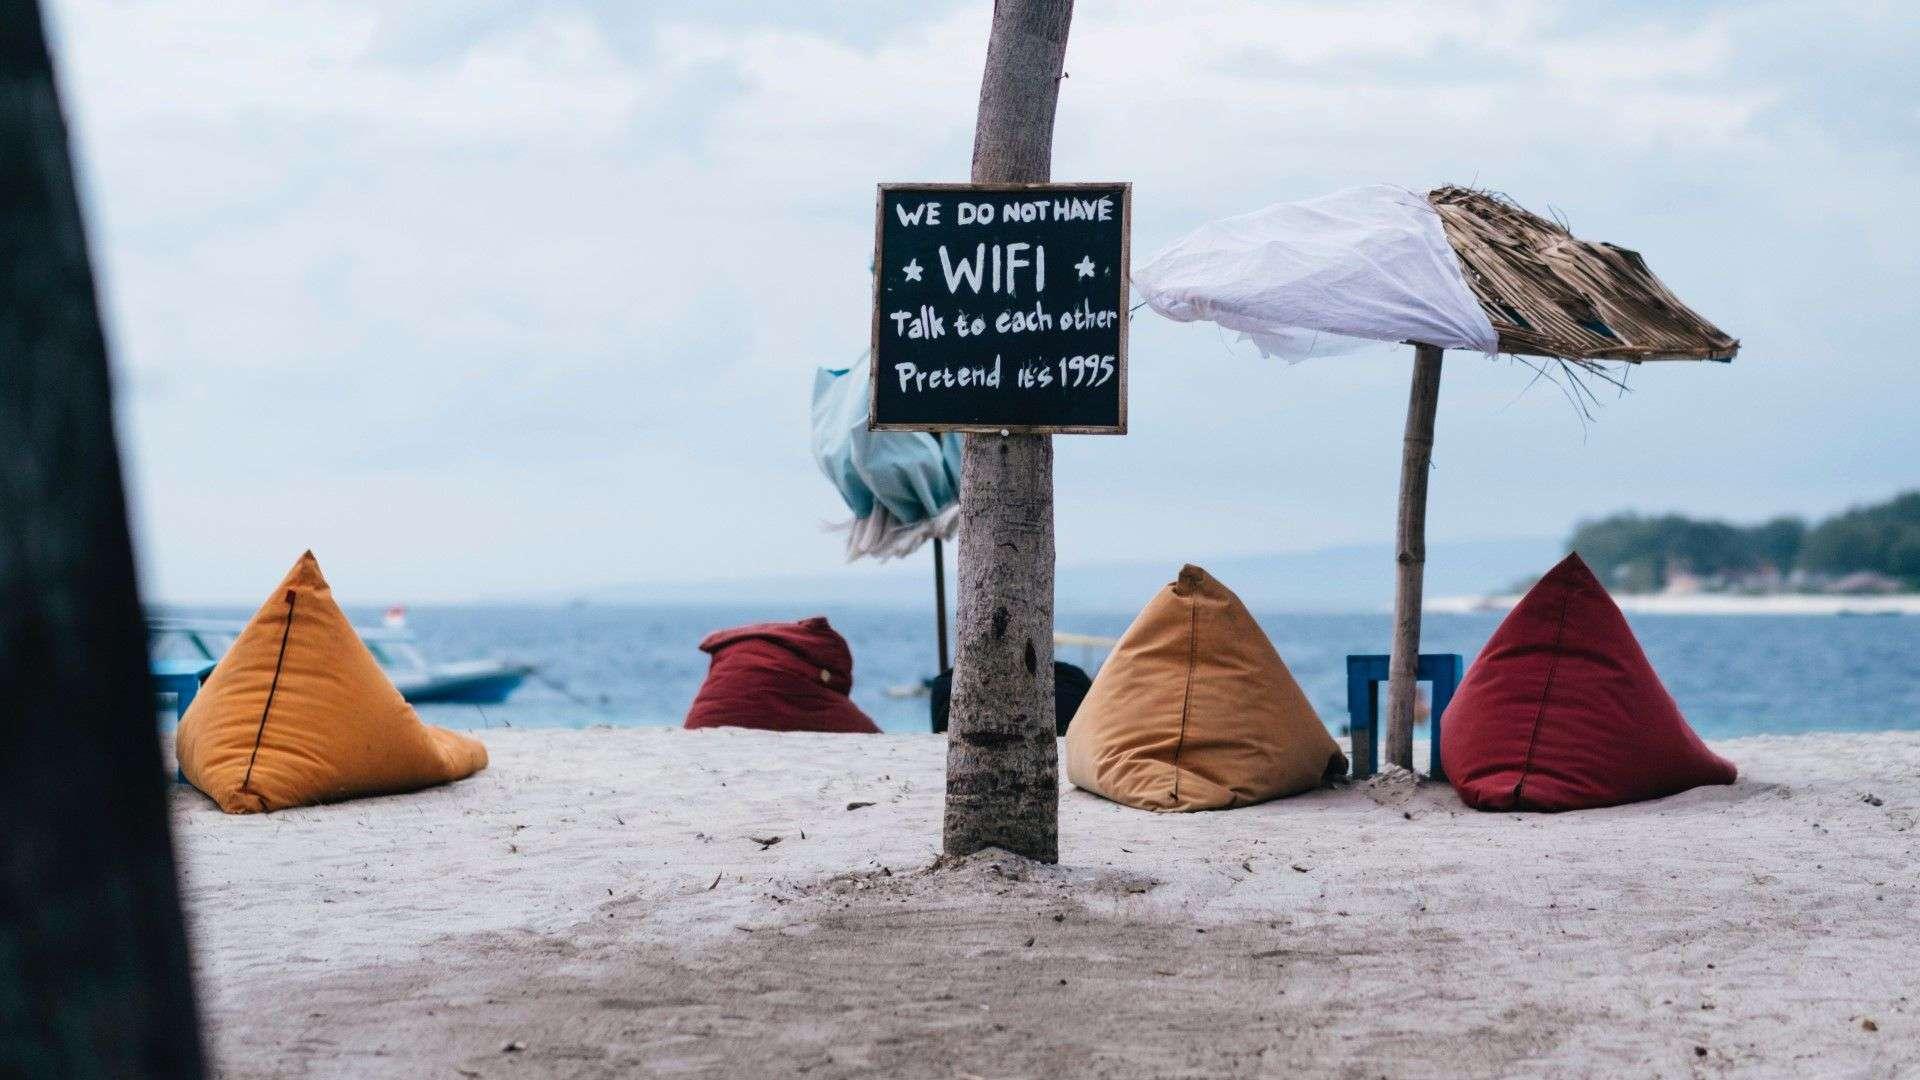 WiFi network setup